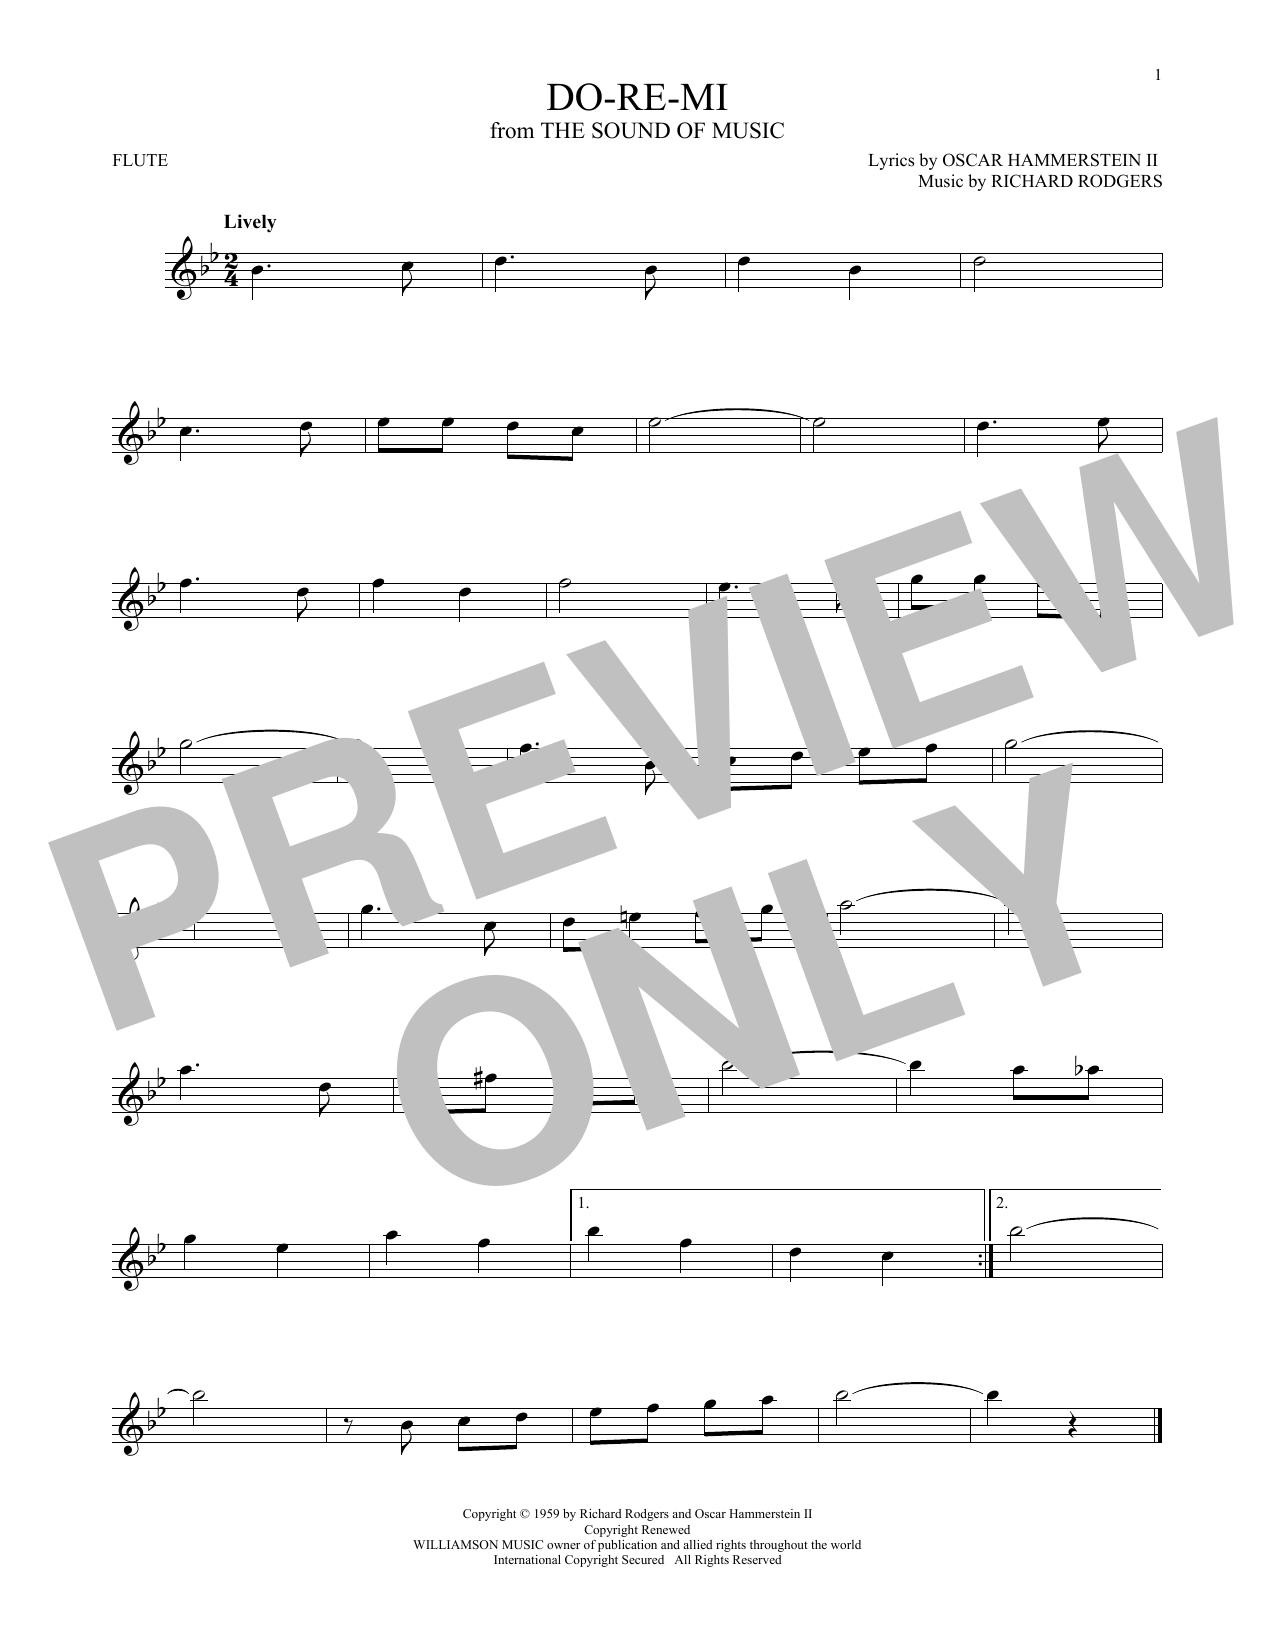 Do-Re-Mi (Flute Solo)